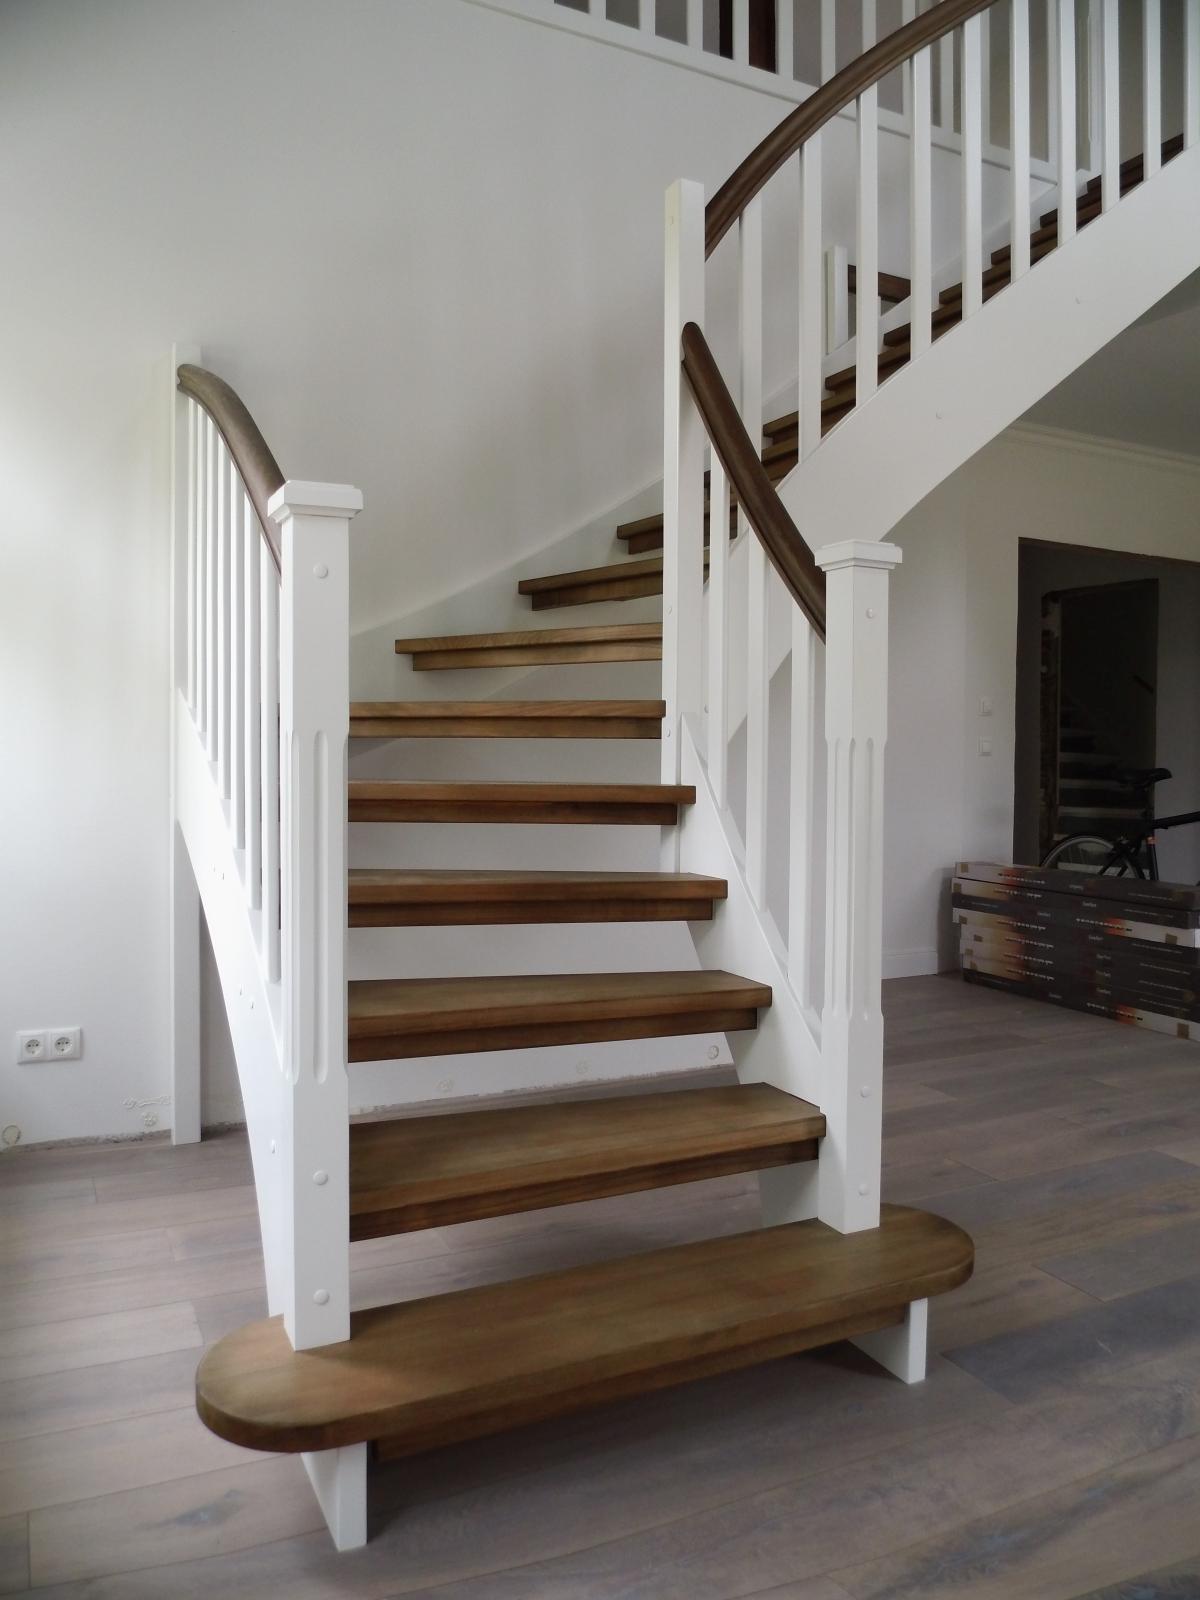 wangentreppen arktic treppenbau gmbh planung herstellung und einbau von holz und stahltreppen. Black Bedroom Furniture Sets. Home Design Ideas